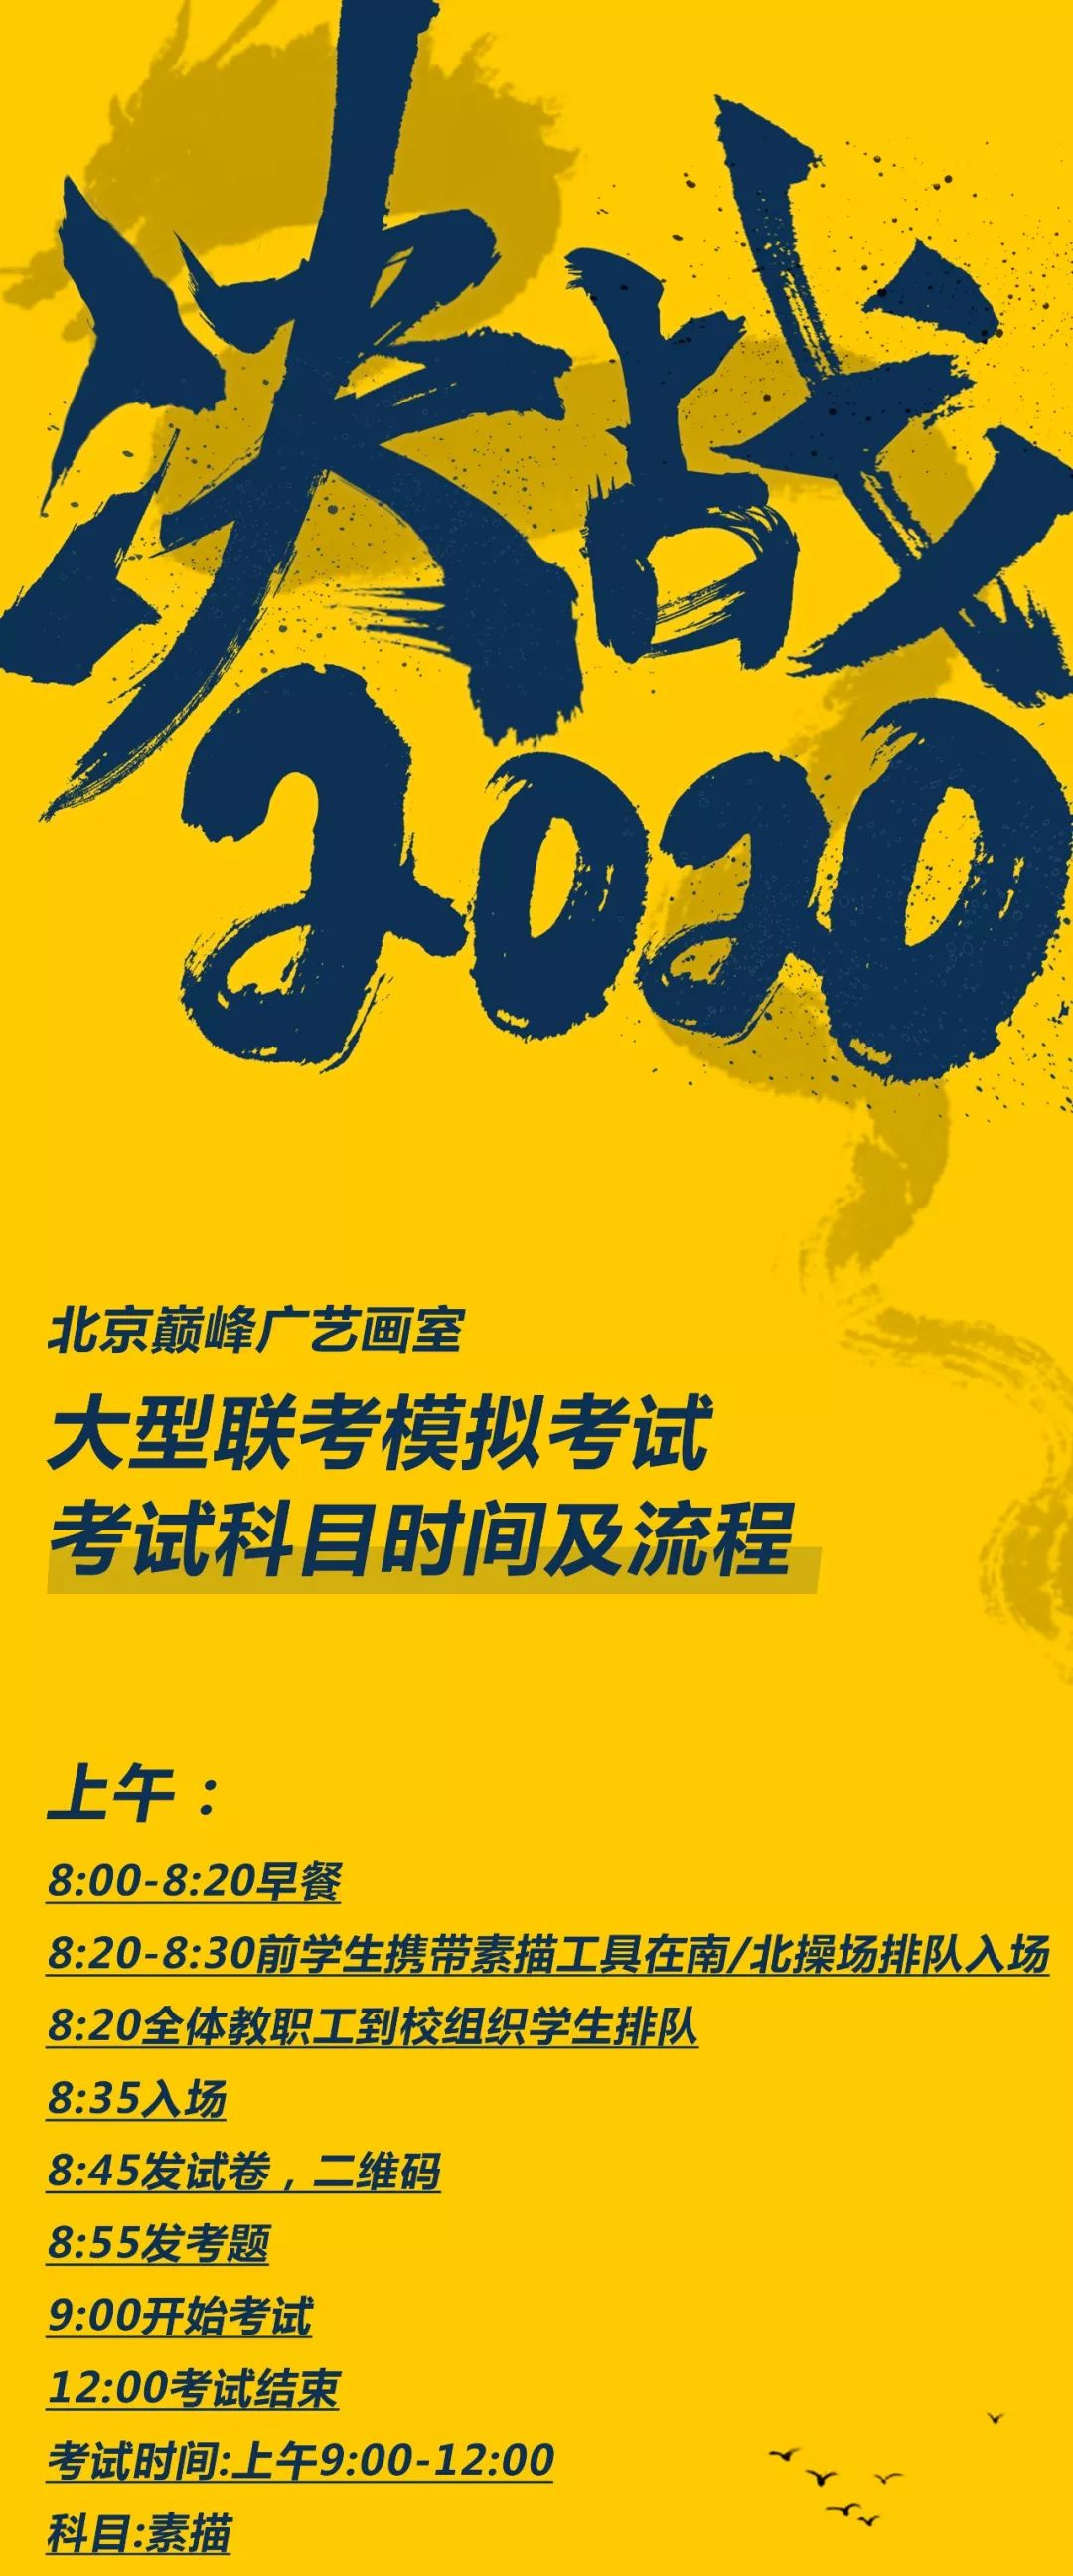 巅峰广艺大型联考模拟考试,美术联考,北京画室   06